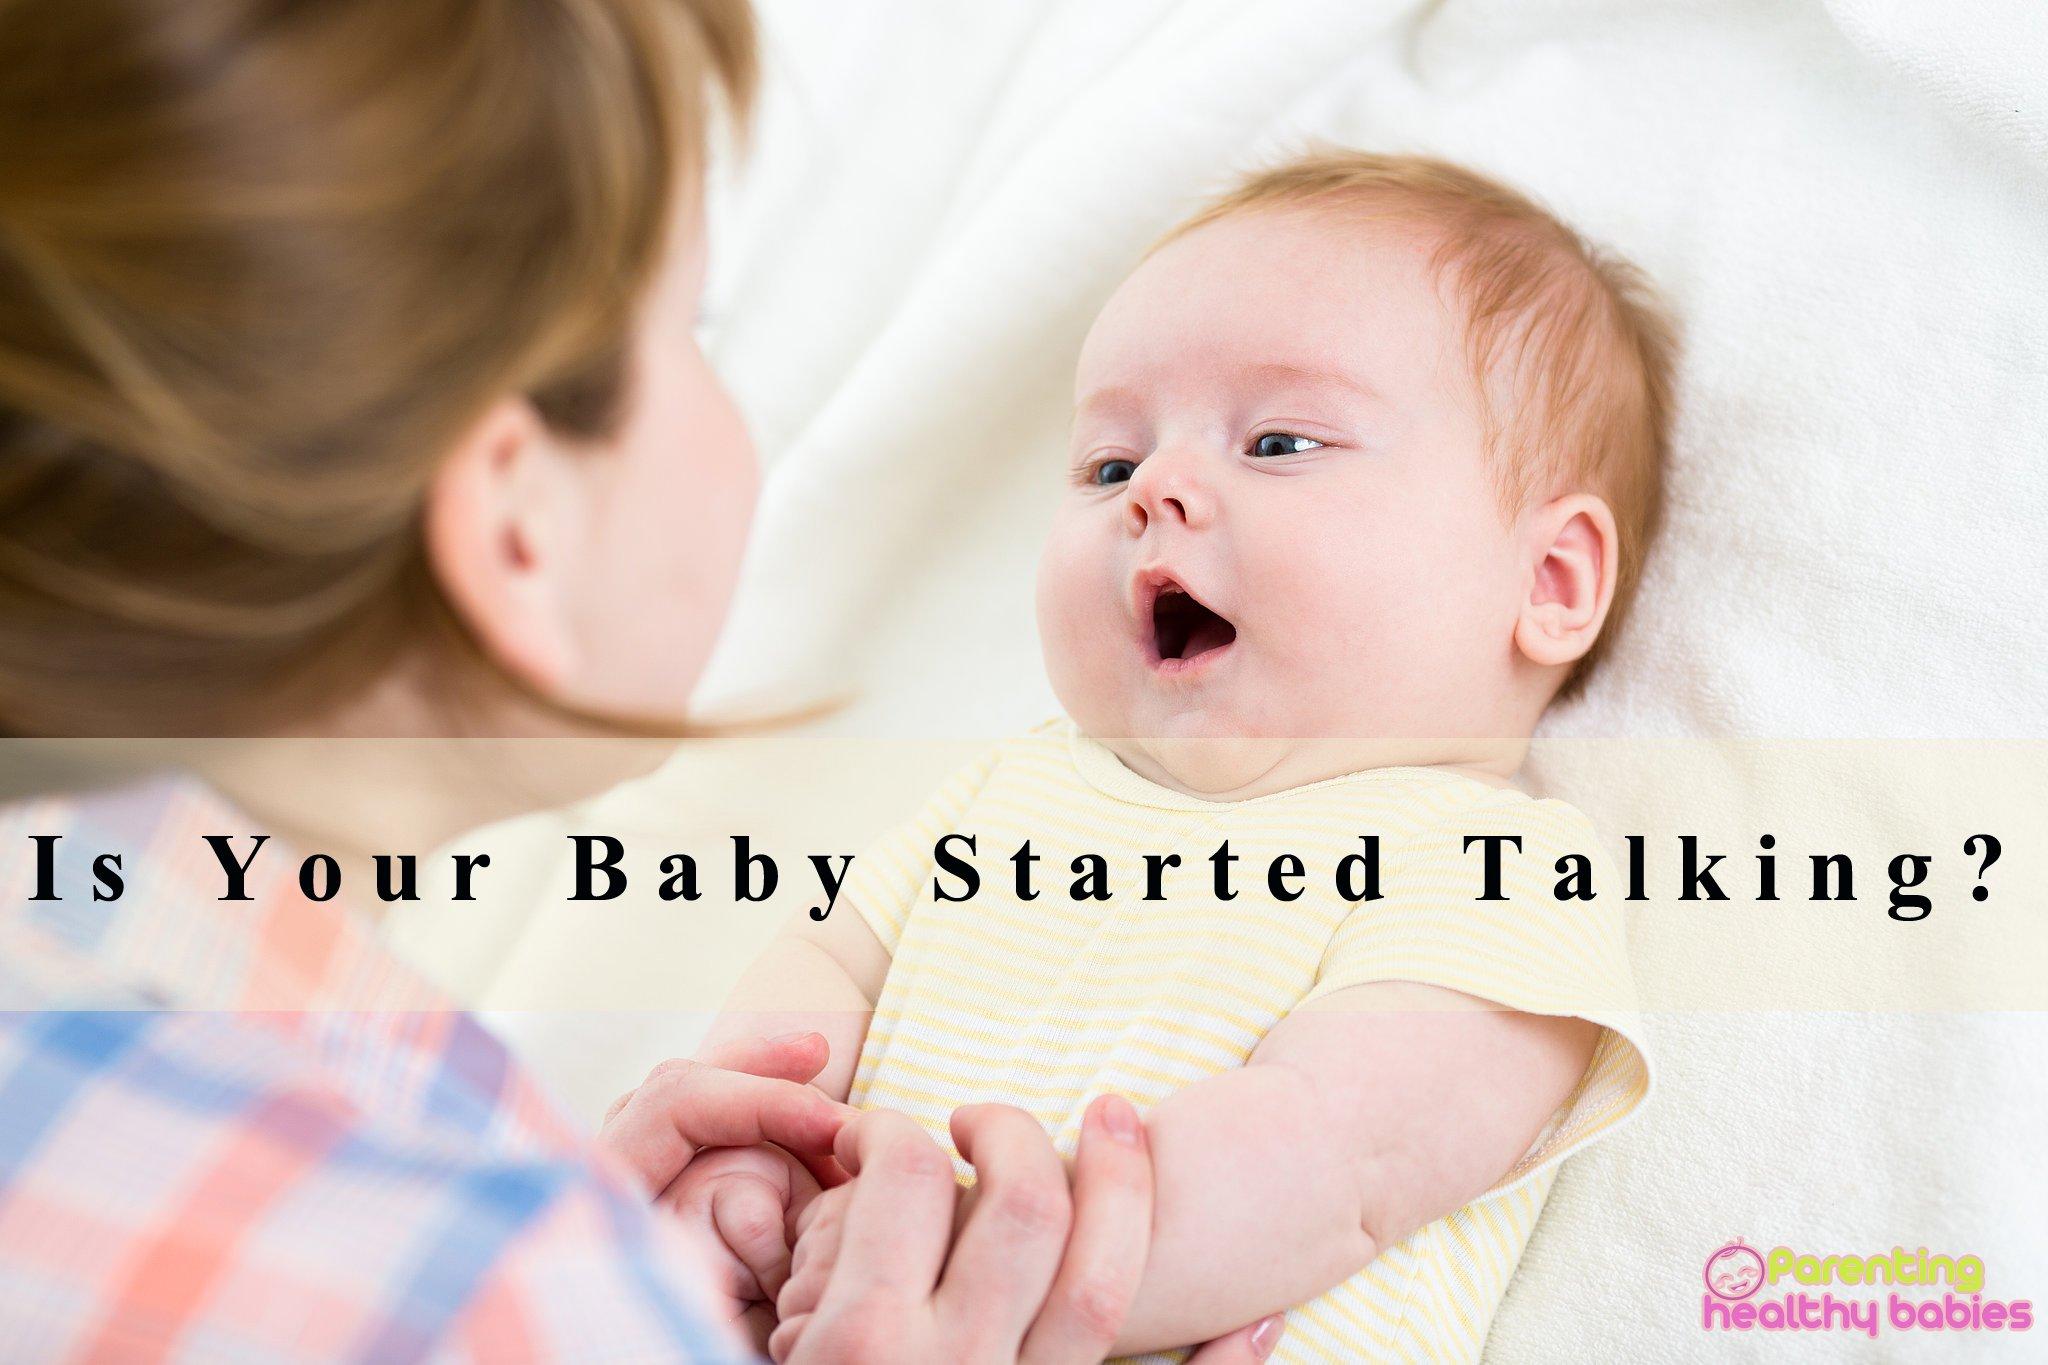 Babies start talking